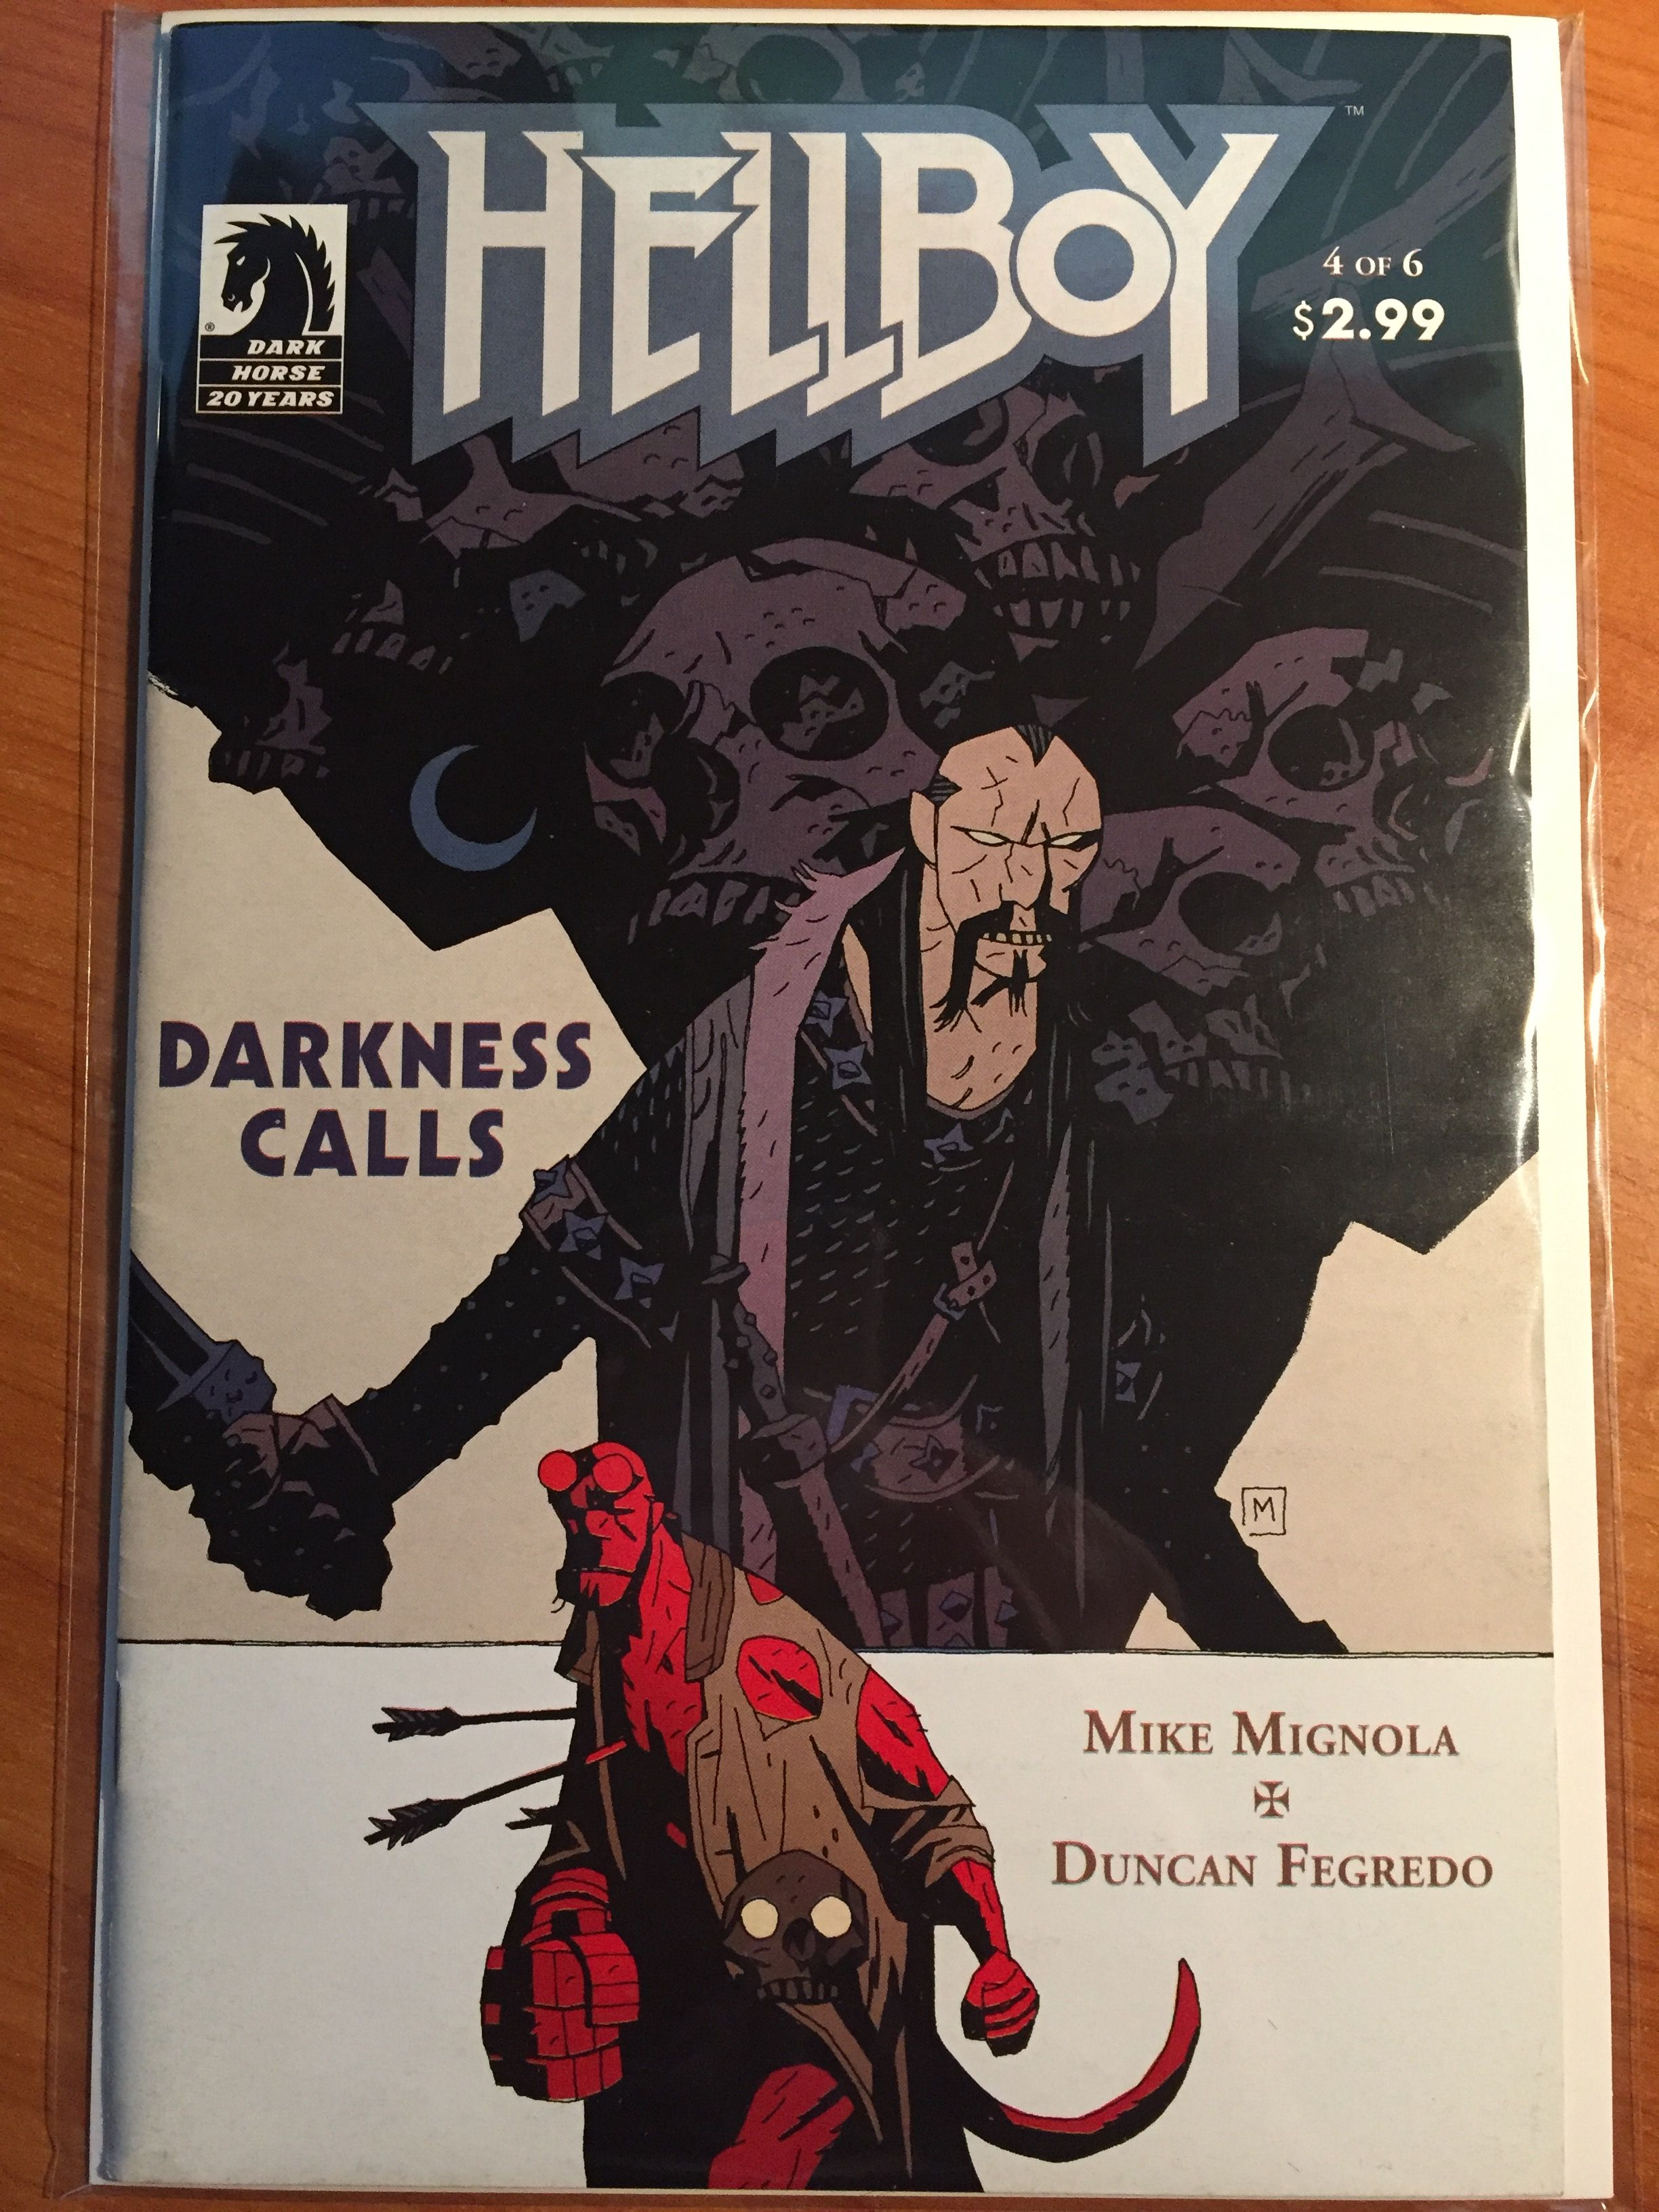 Hellboy Darkness Calls #4 -  July 2007 - Dark Horse